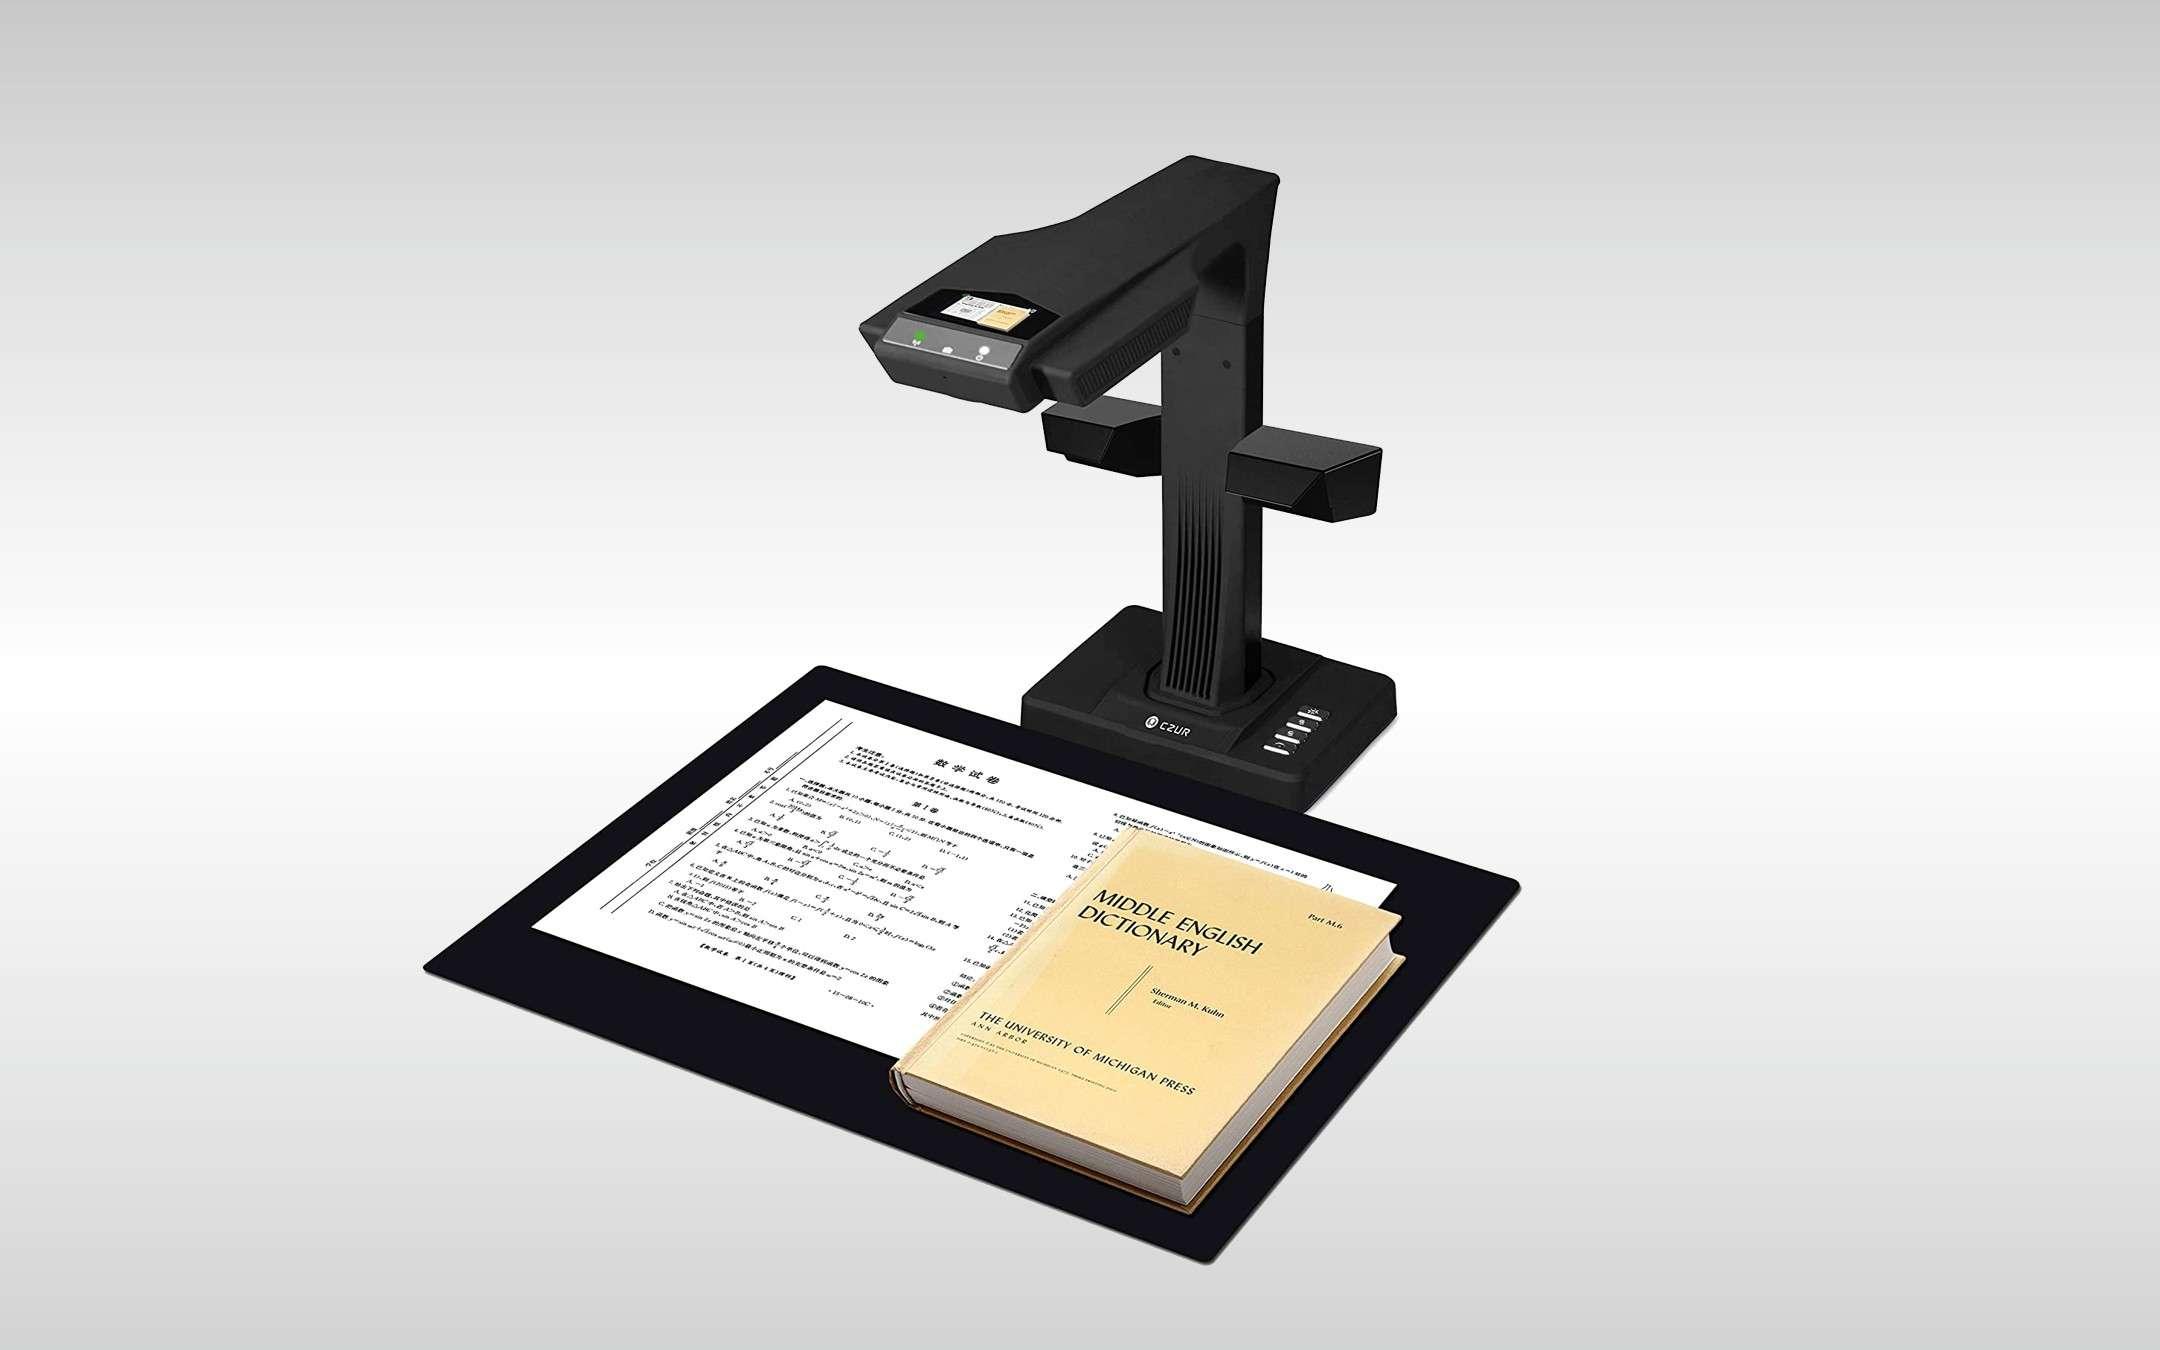 Scanner CZUR ET18-P